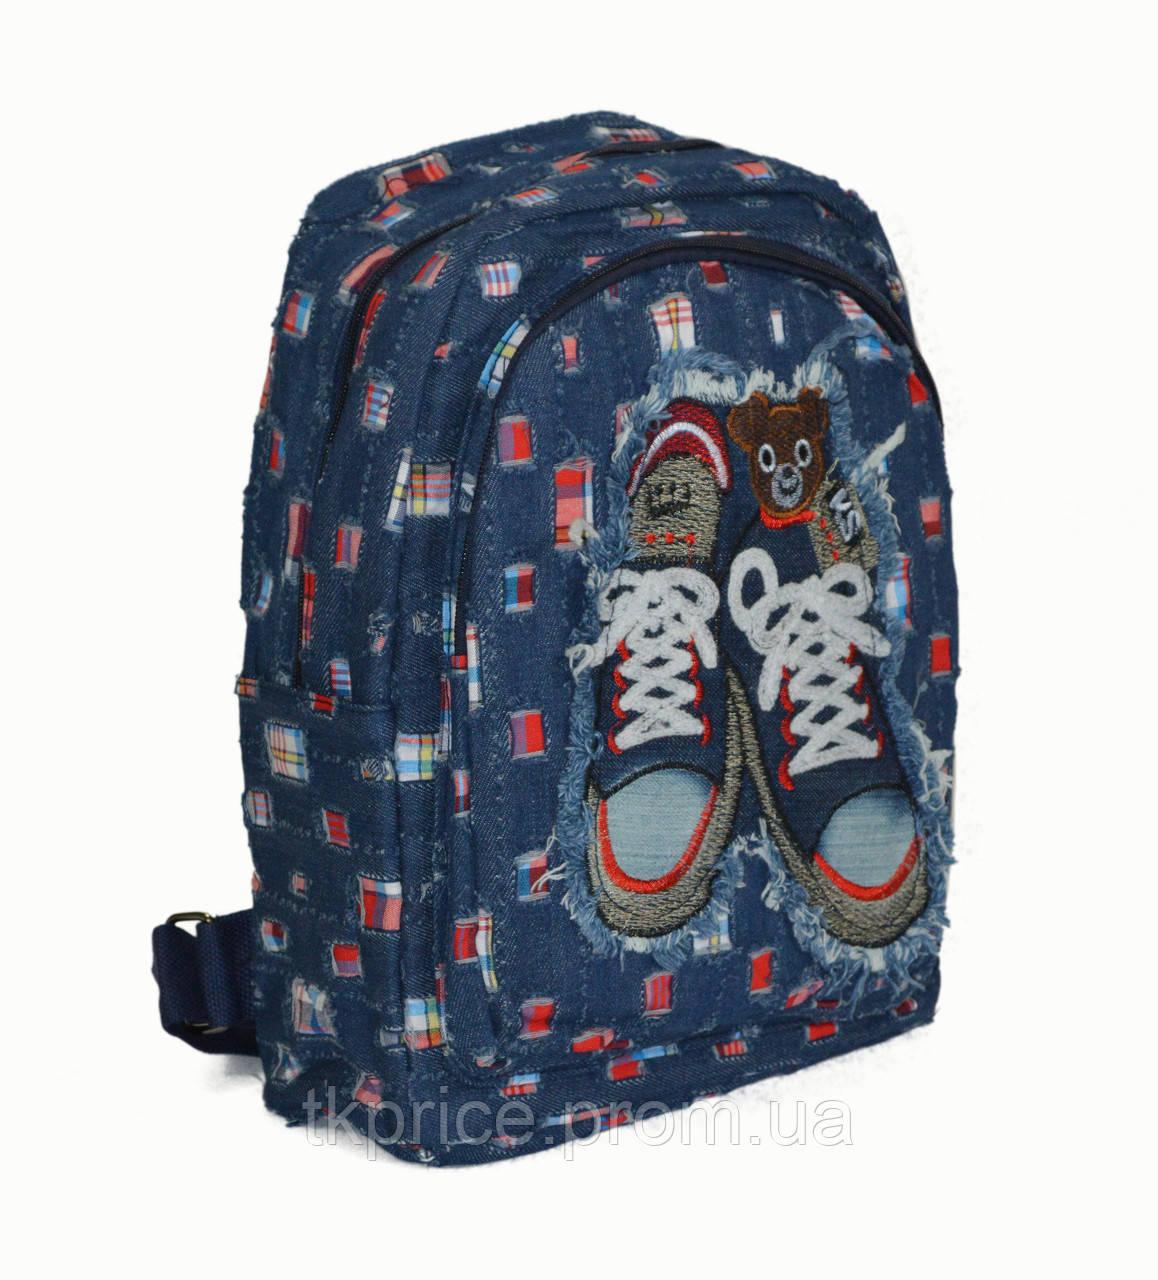 c9179da25715 Джинсовый Рюкзак для Школы и Прогулок с Кедами — в Категории ...